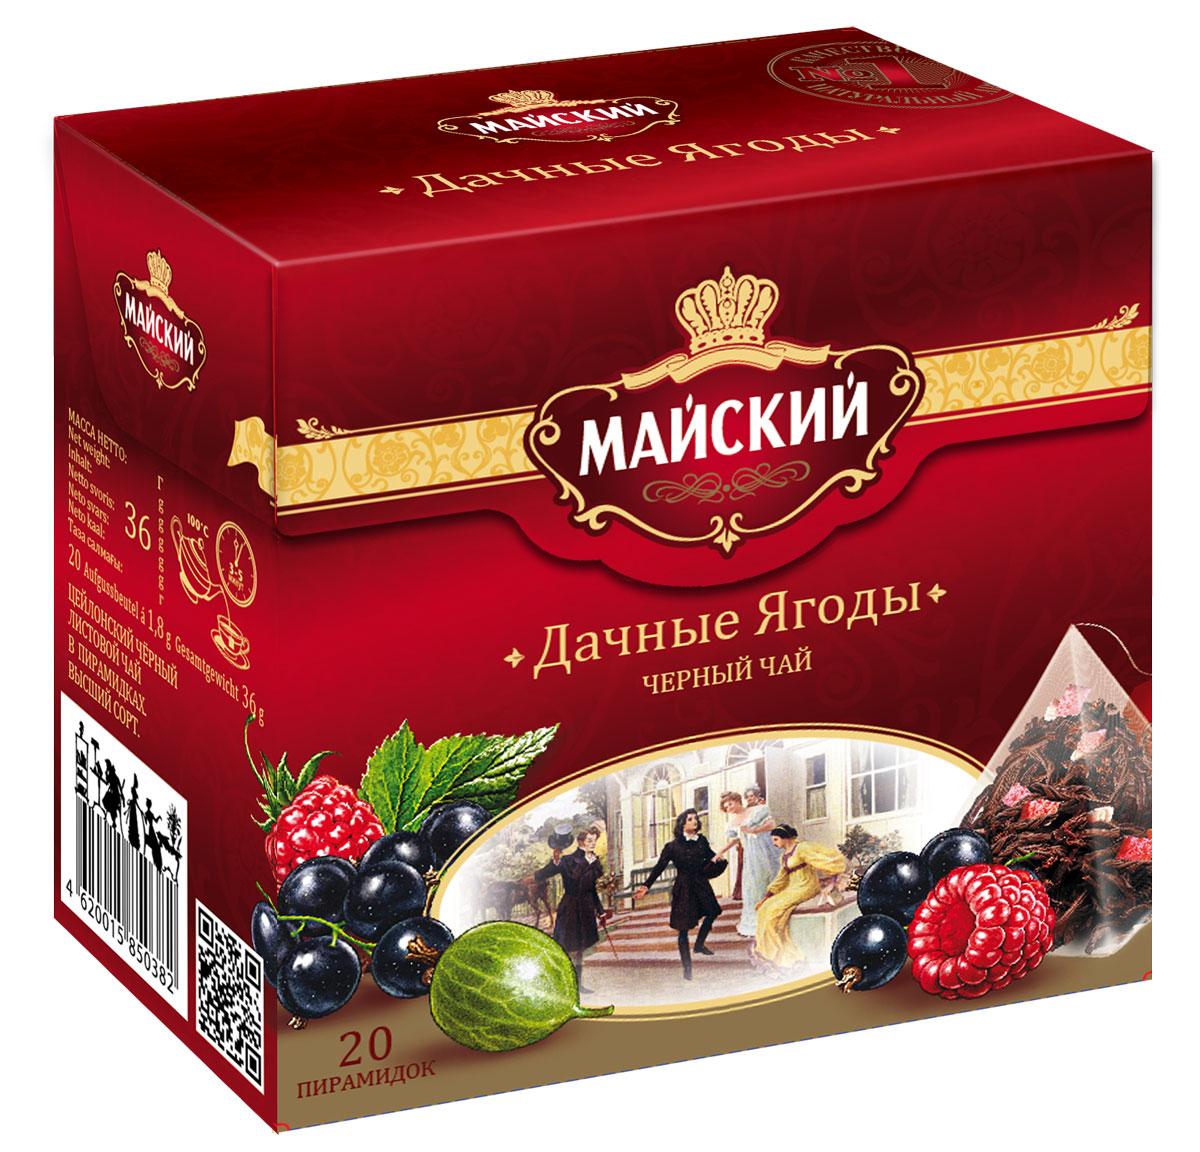 Майский Дачные ягоды черный чай в пирамидках, 20 шт куплю дом в поселке майский белгородский район